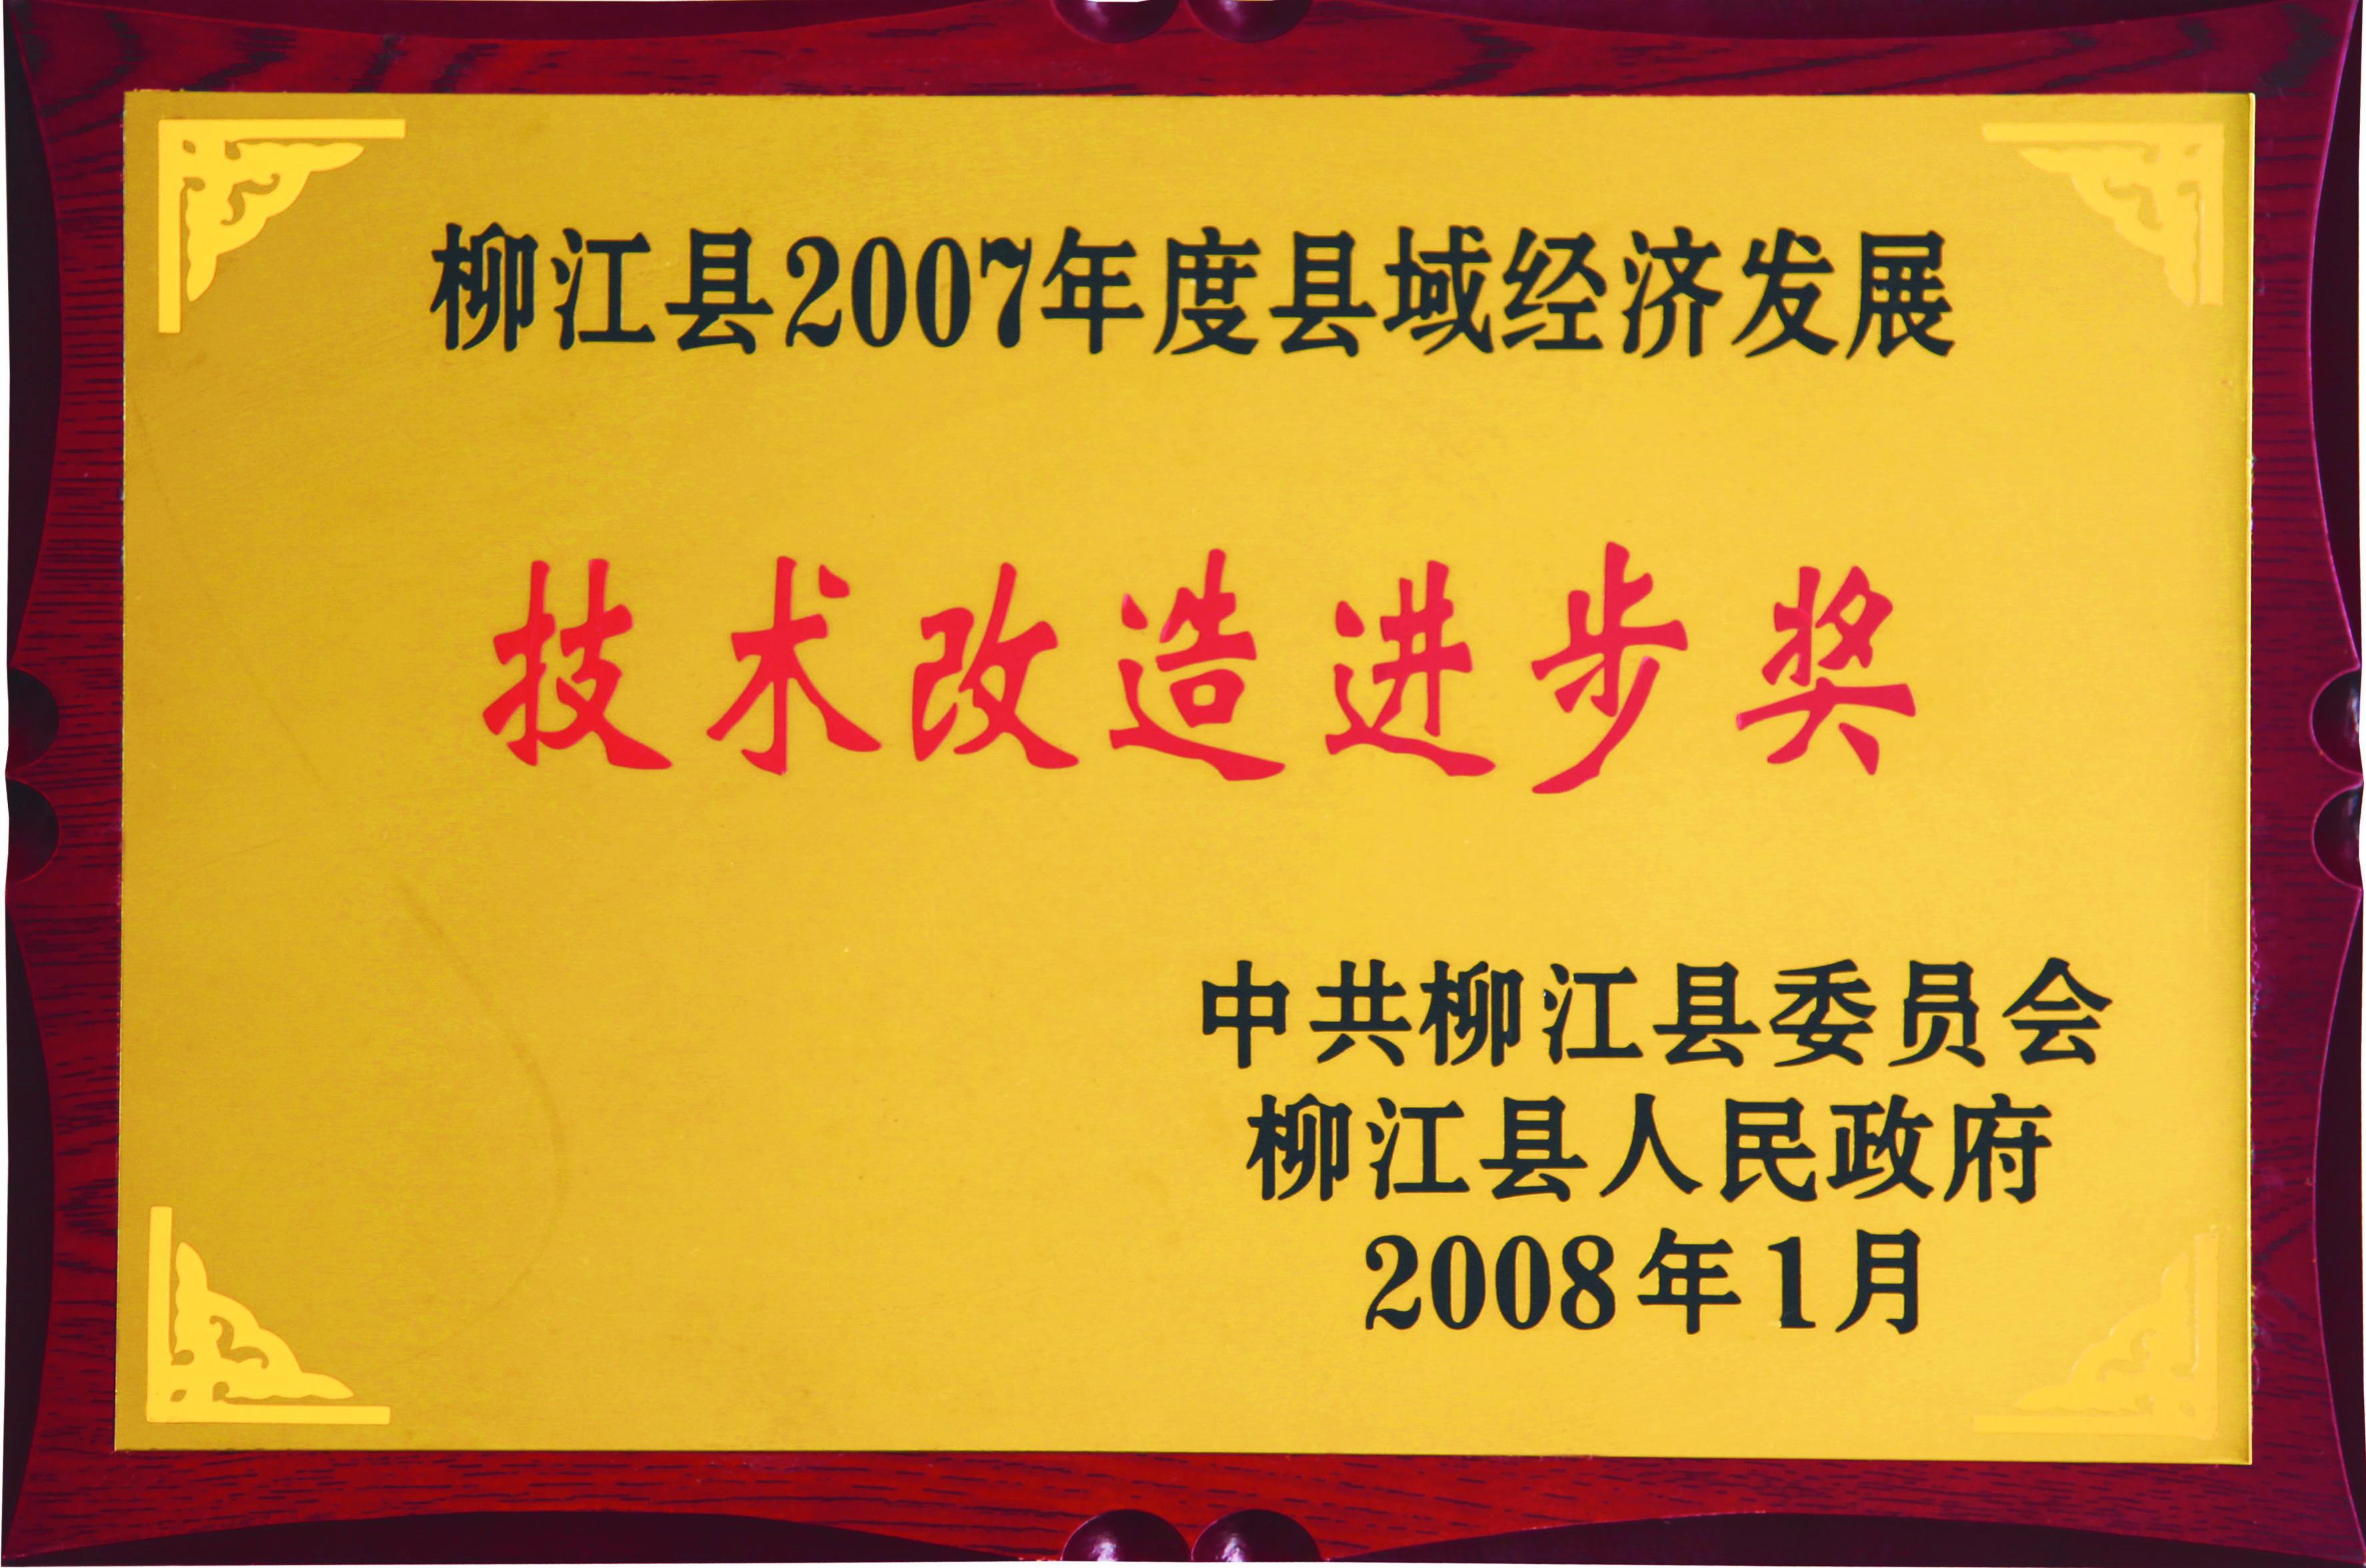 """2008年,古岭酒厂荣获柳江县2007年度县域经济发展""""技术改造前进奖'"""""""